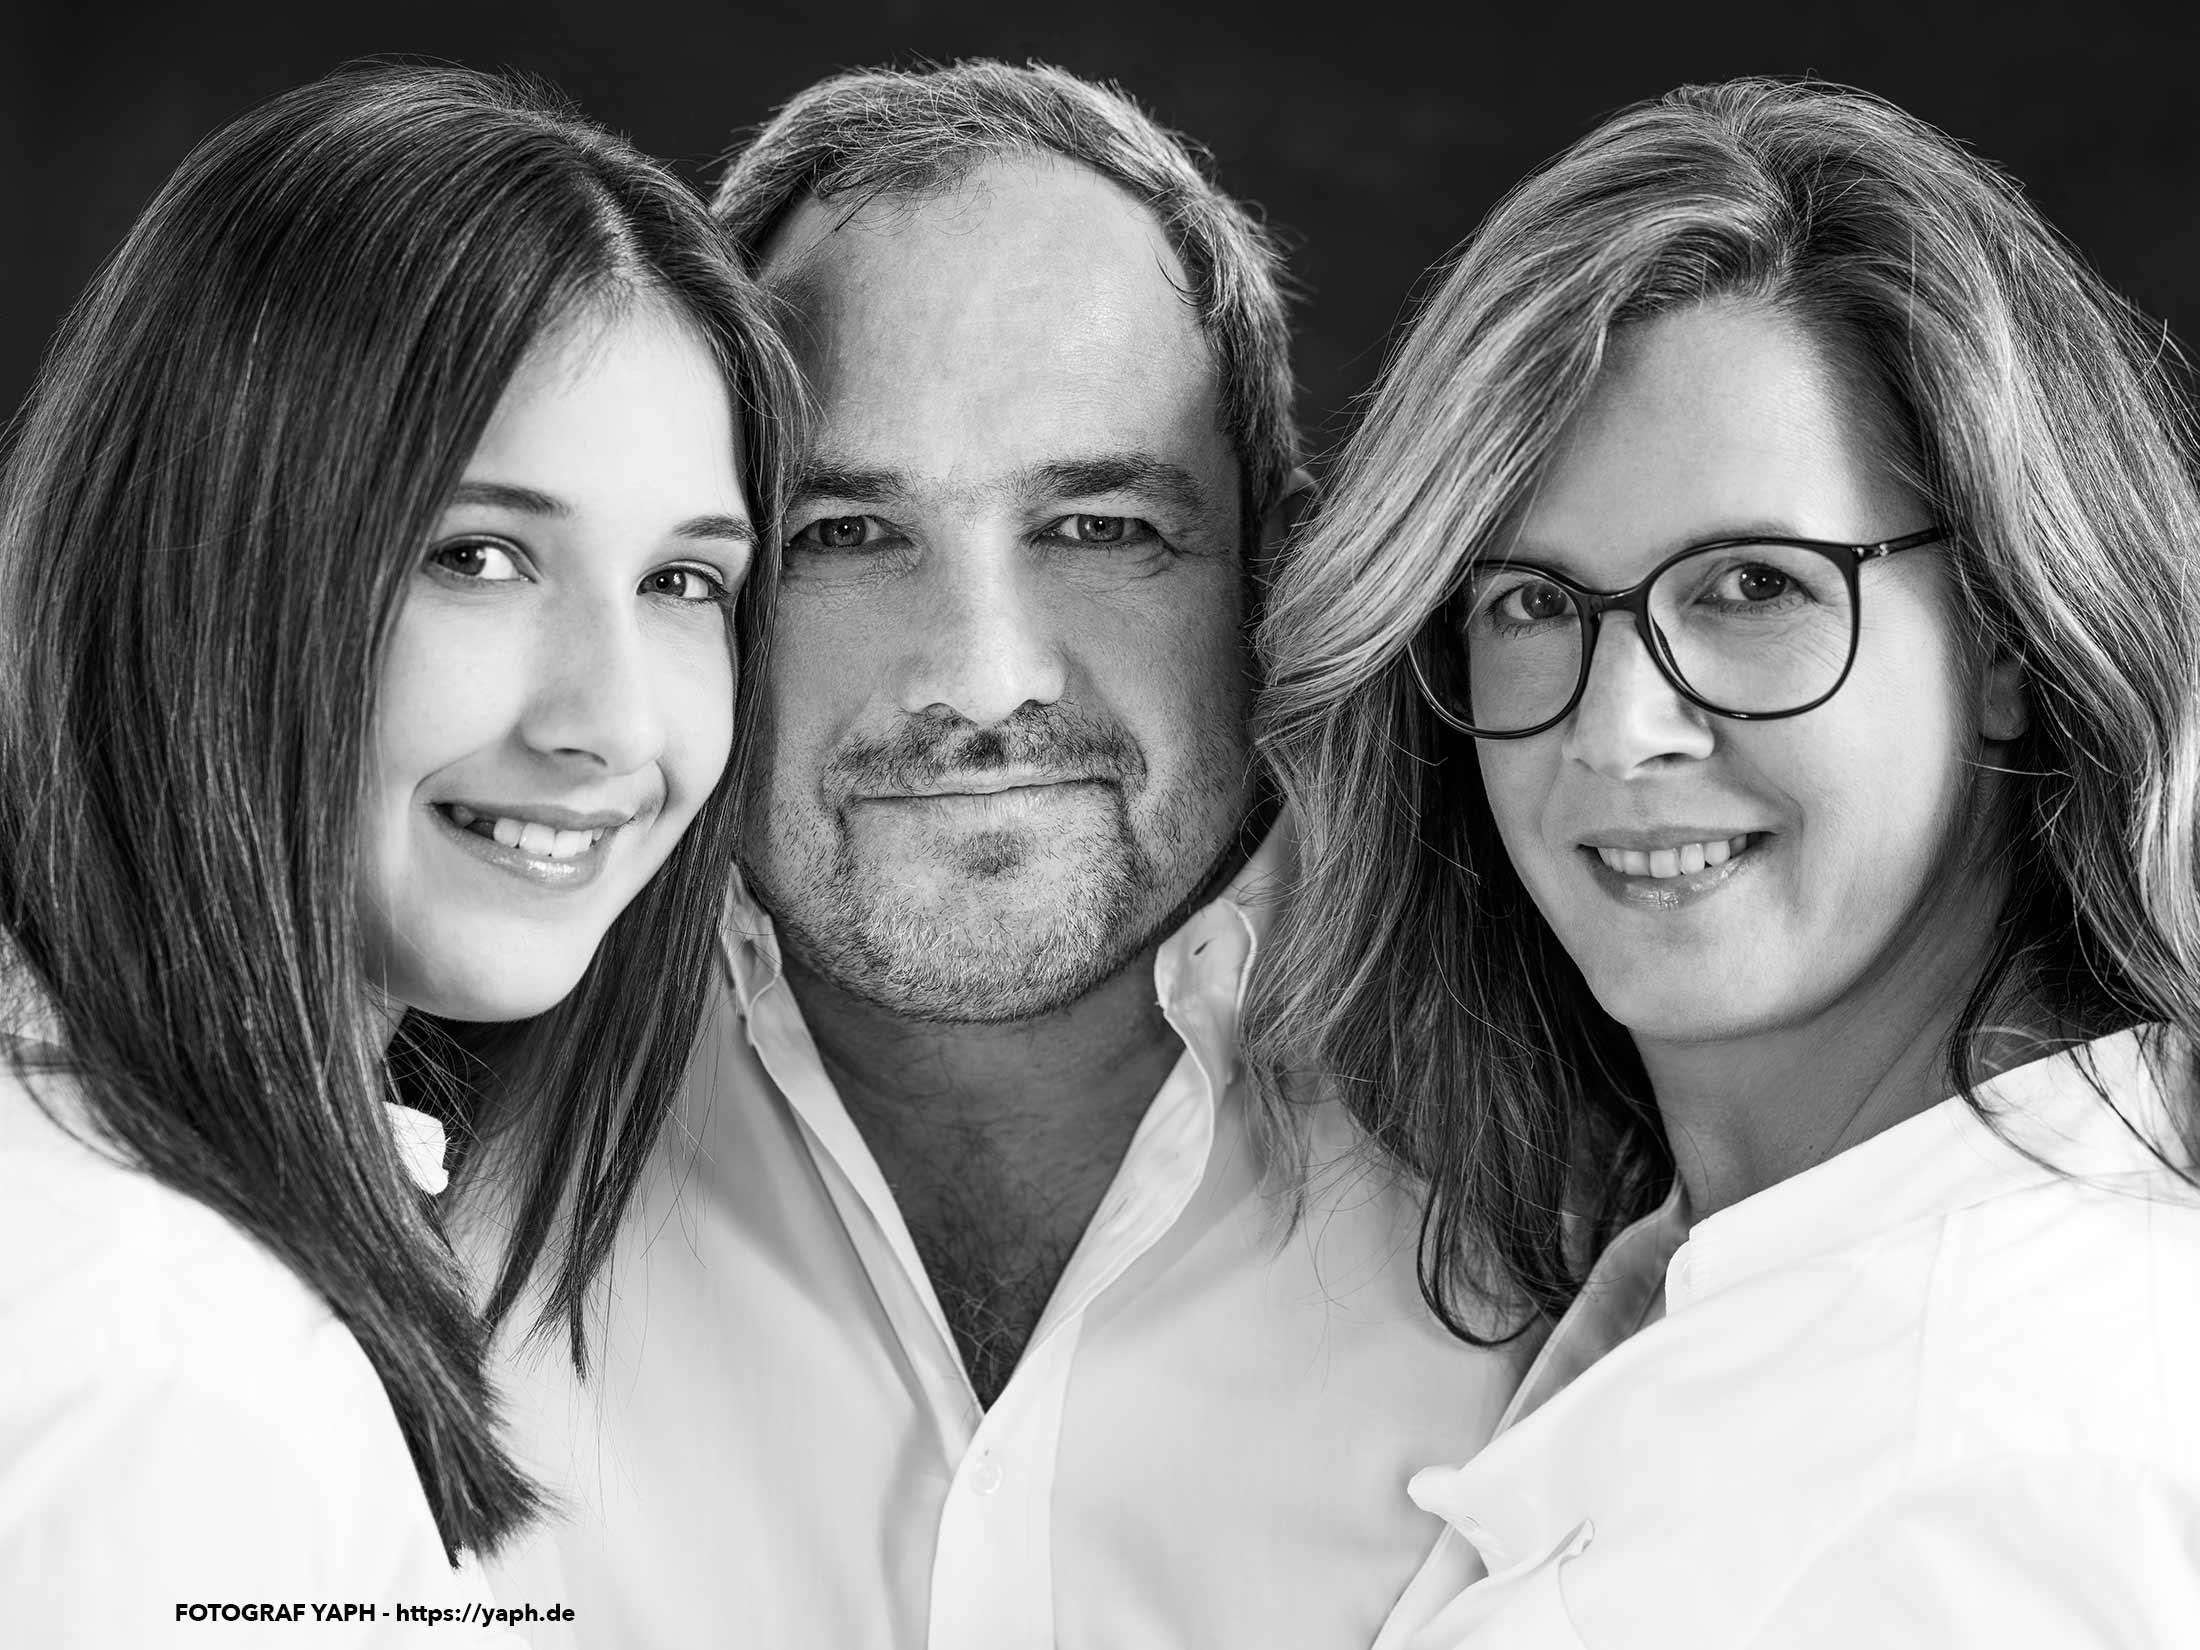 Familienfotos und Familien Fotoshooting und Portraits bei Fotografie Trier - Yaph